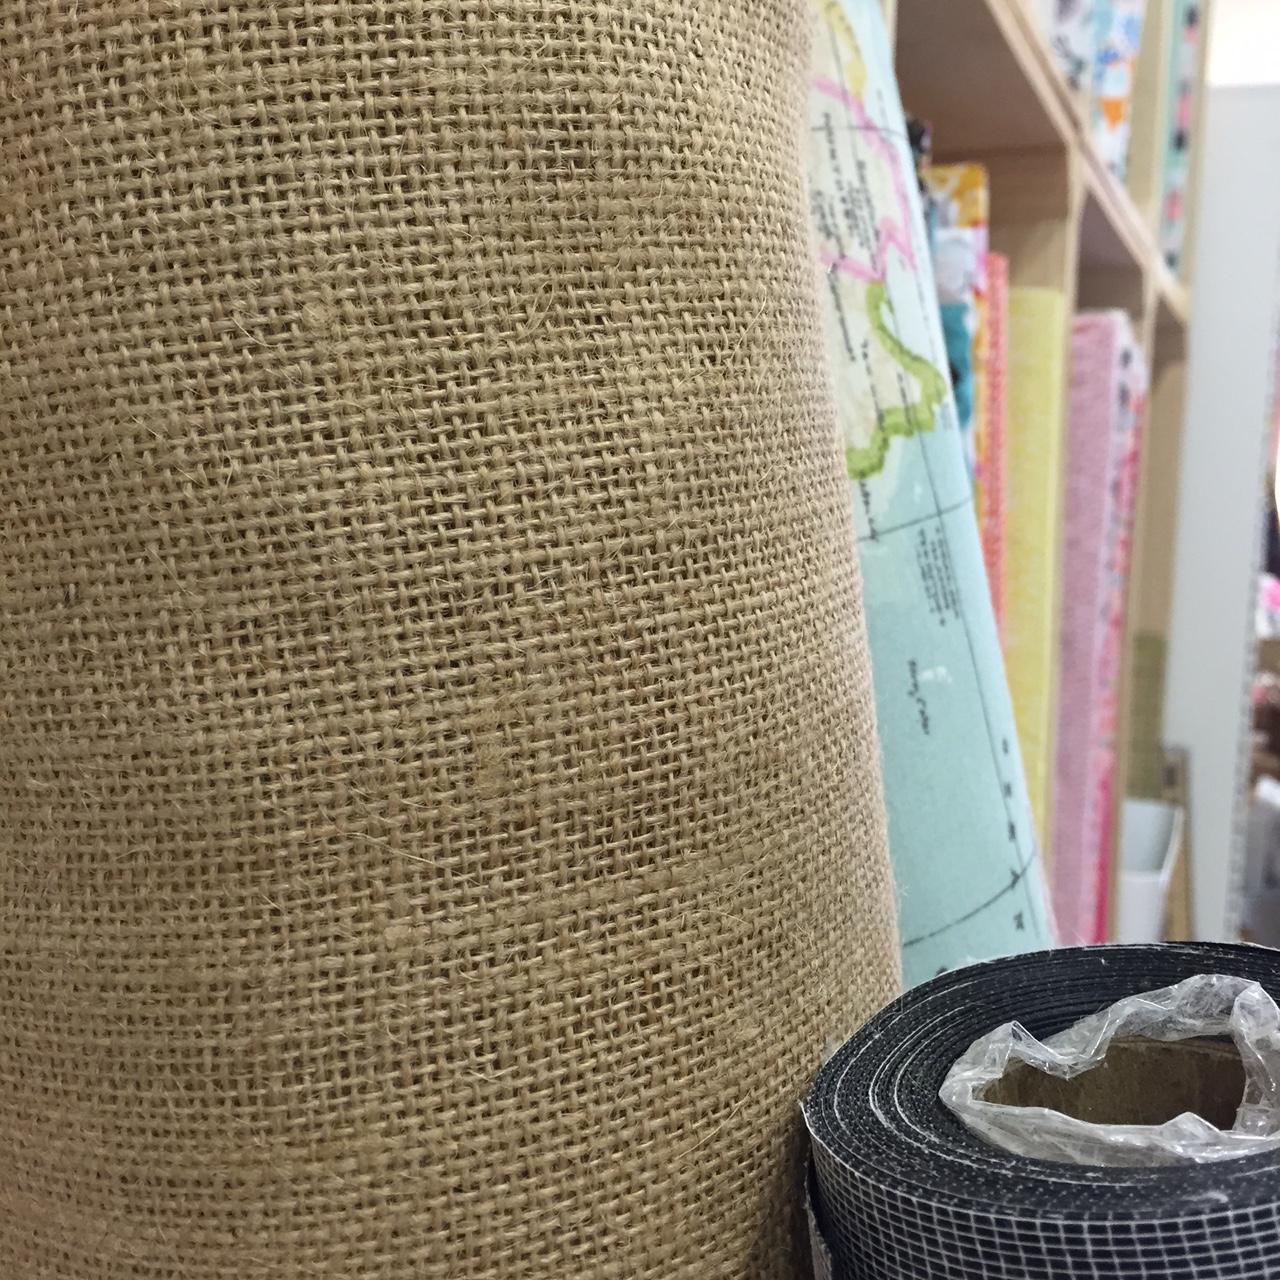 Tela arpillera tela de saco tienda talleres y cursos - Manualidades con tela de saco ...